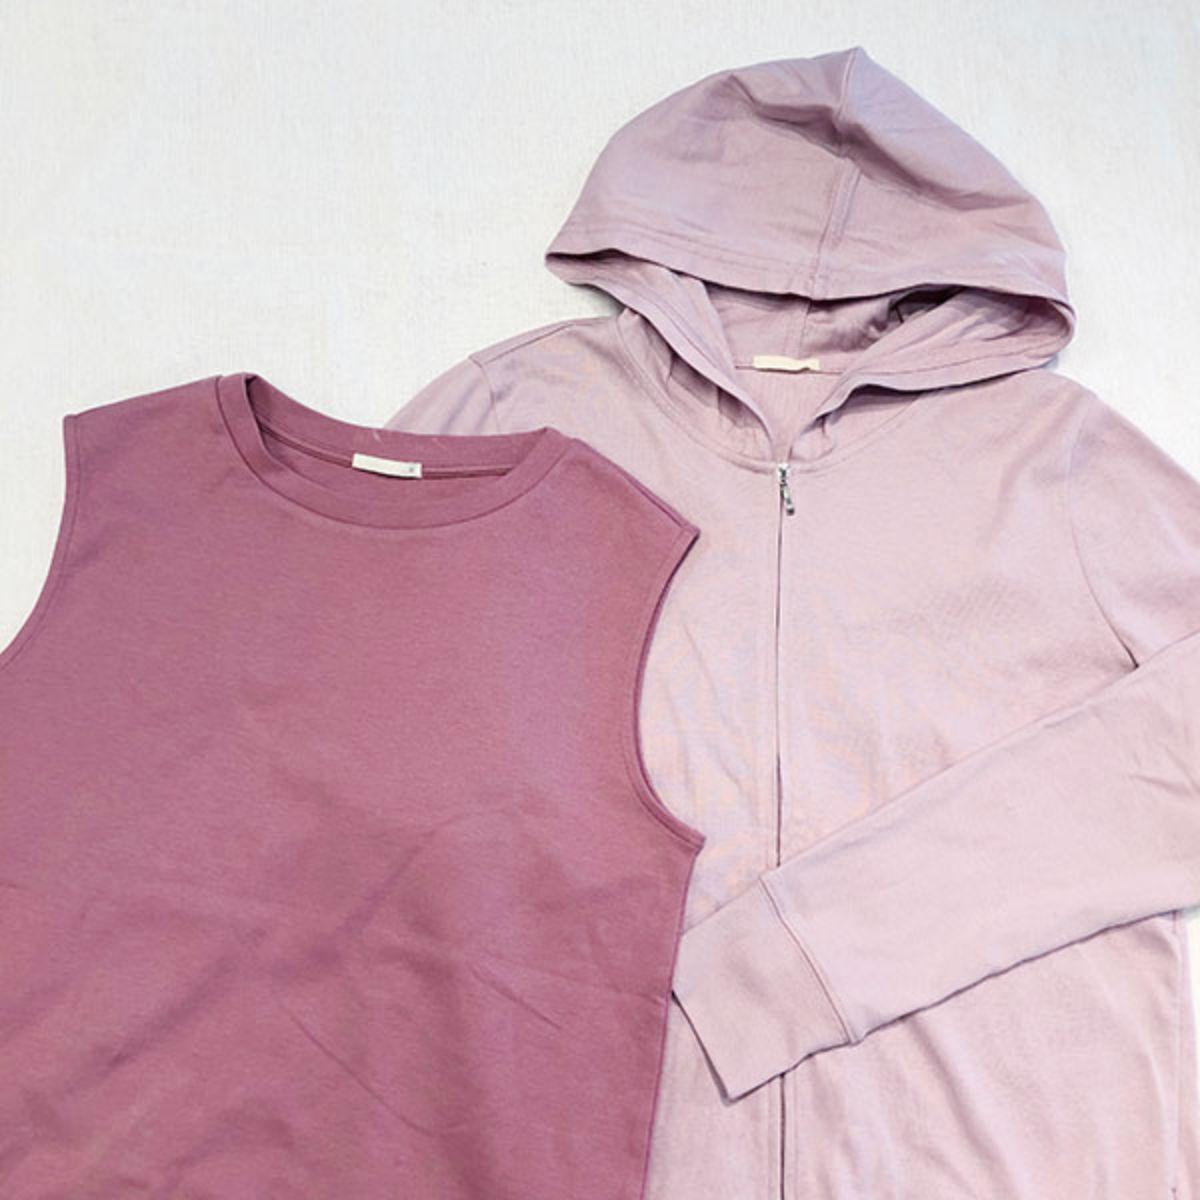 【#今週のGU新作】春っぽピンクカラーでみんなの注目の的に♡女の子らしさが際立つアイテム2つをピック